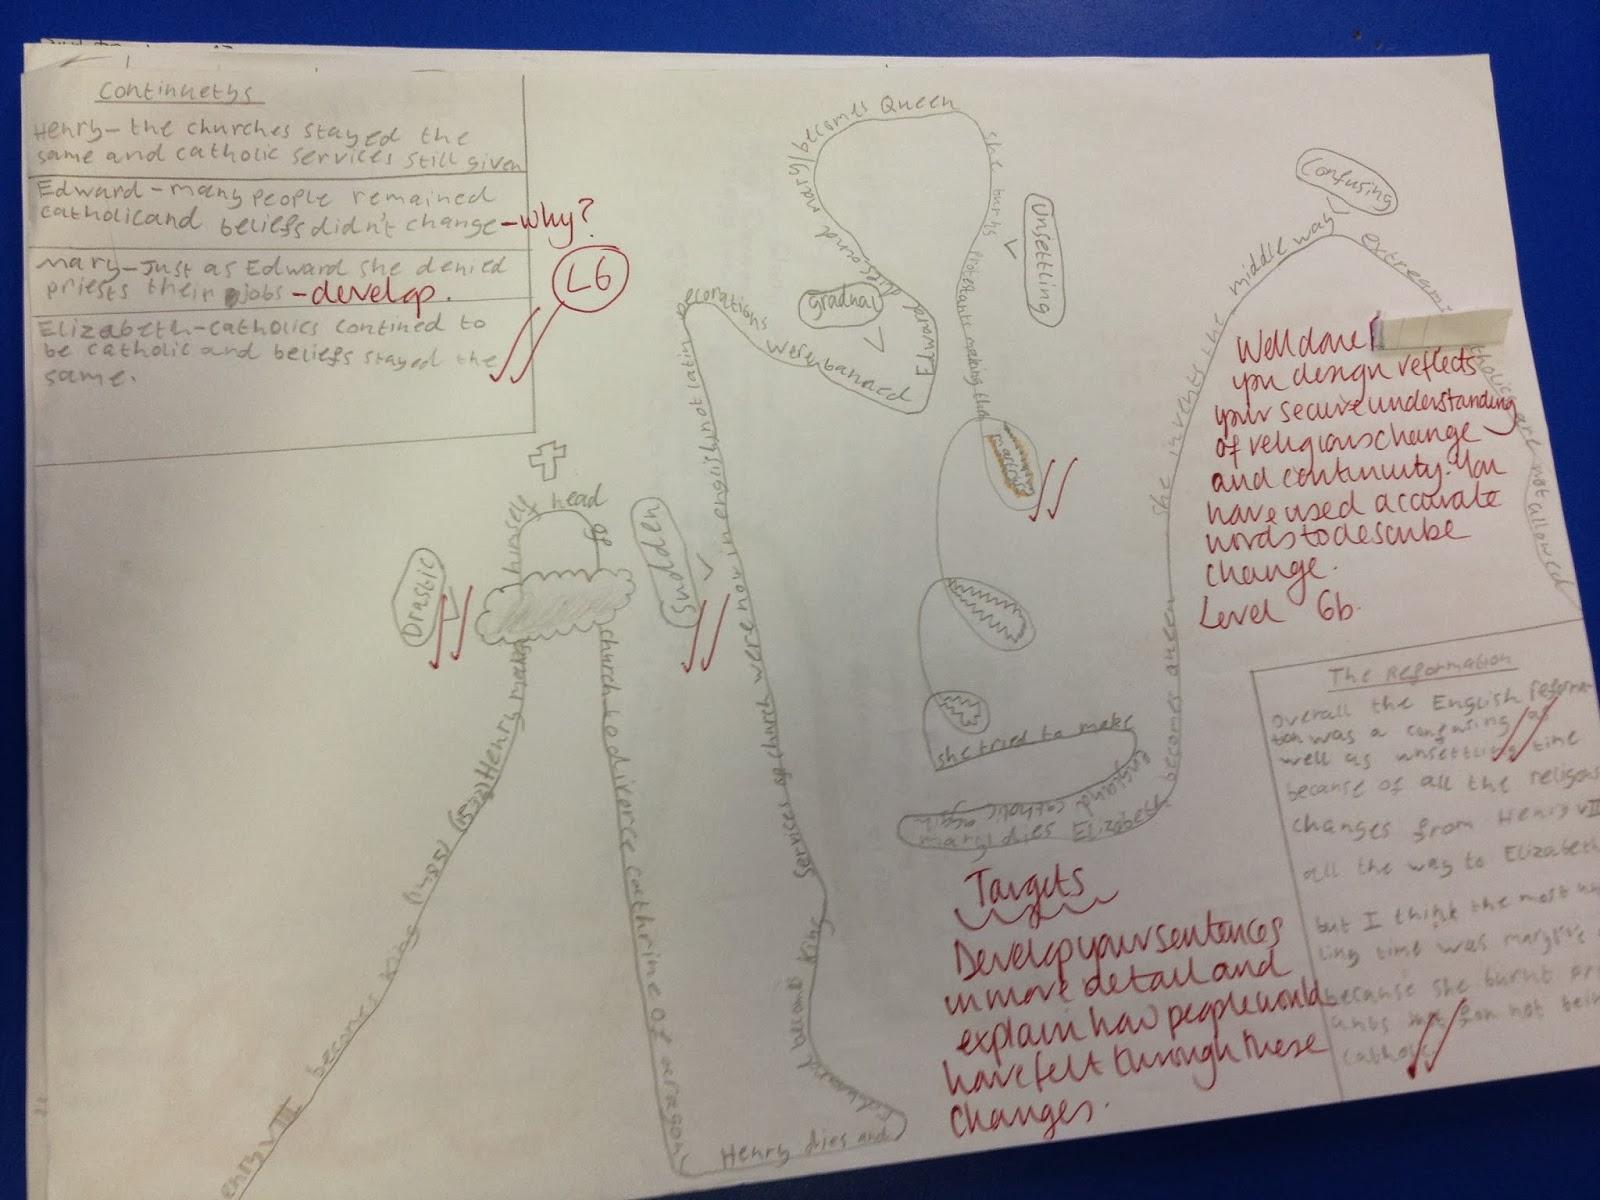 making alterations faith essay